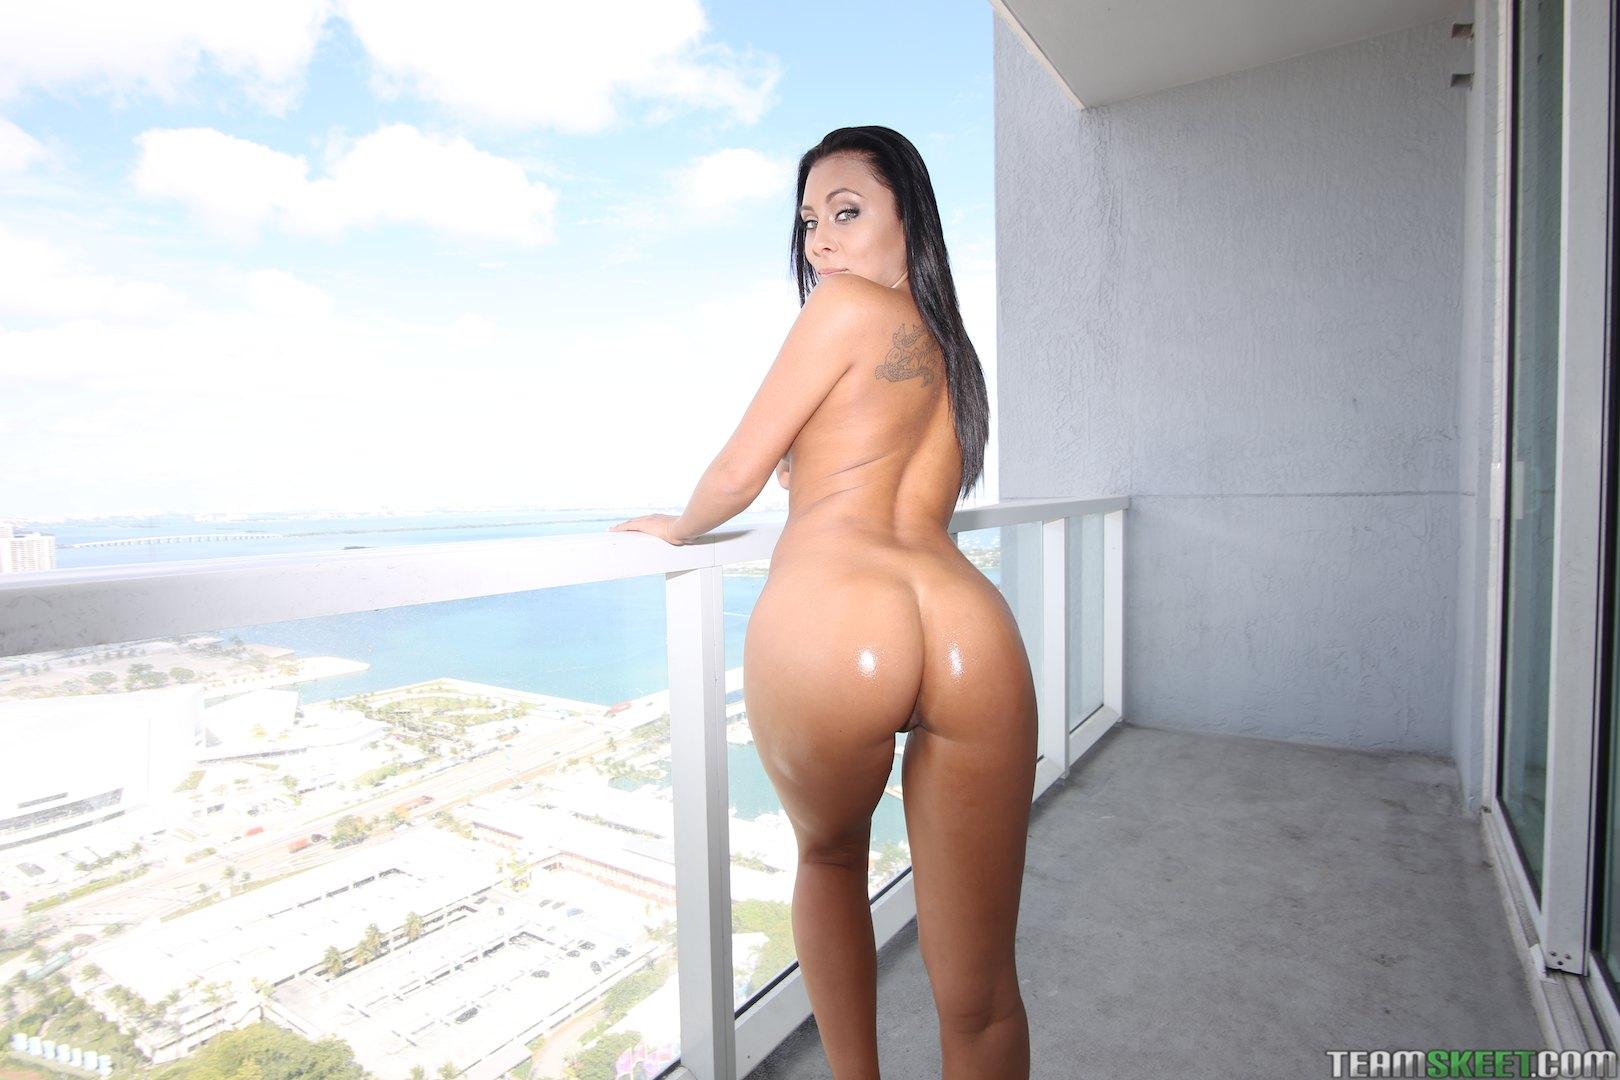 gianna nicole ass